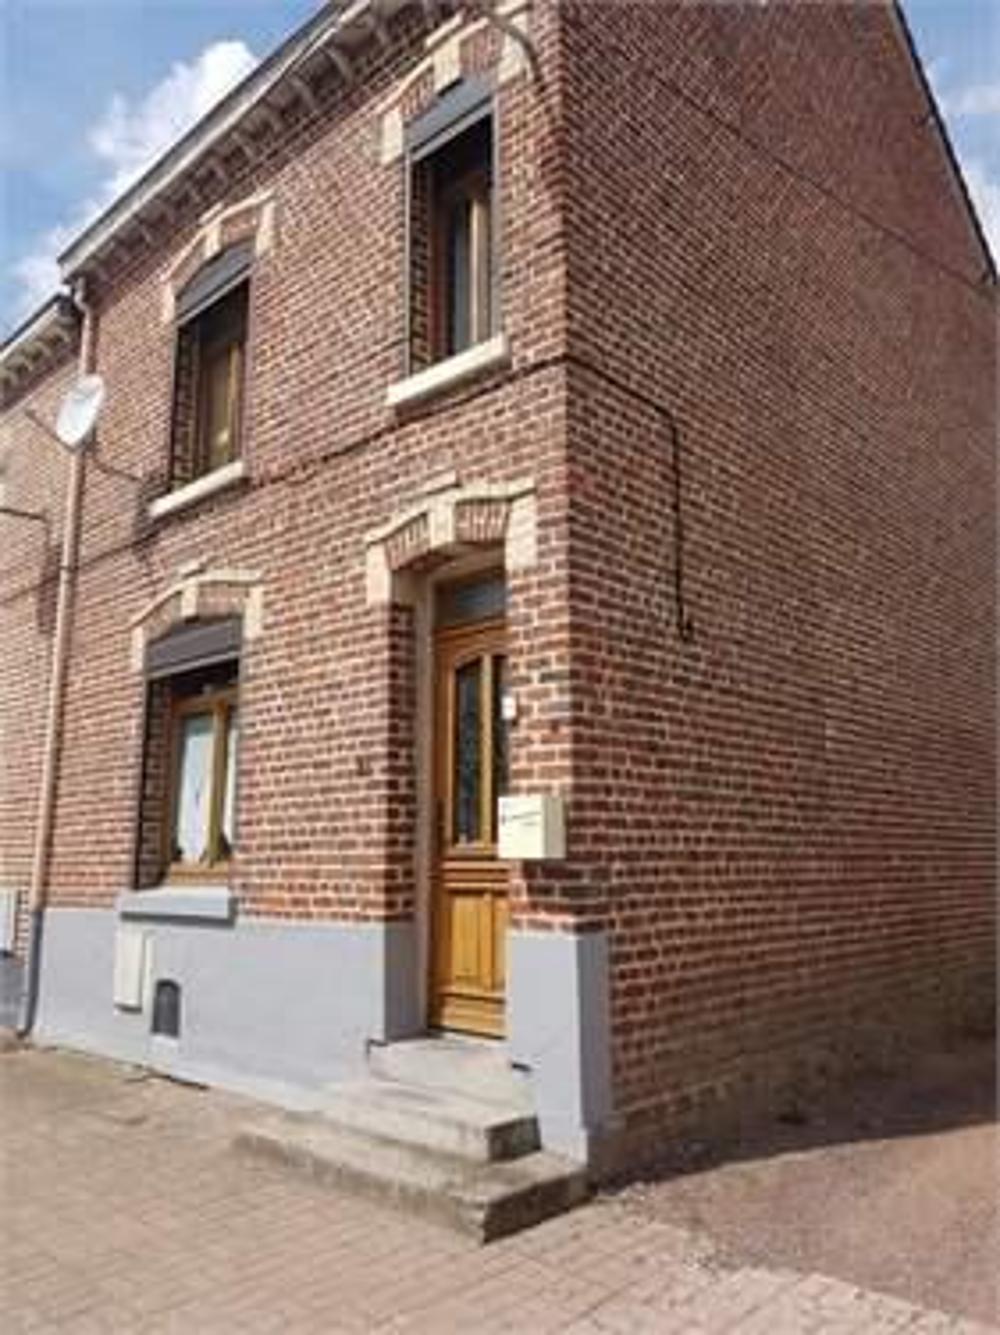 Haisnes Pas-de-Calais Apartment Bild 3575015